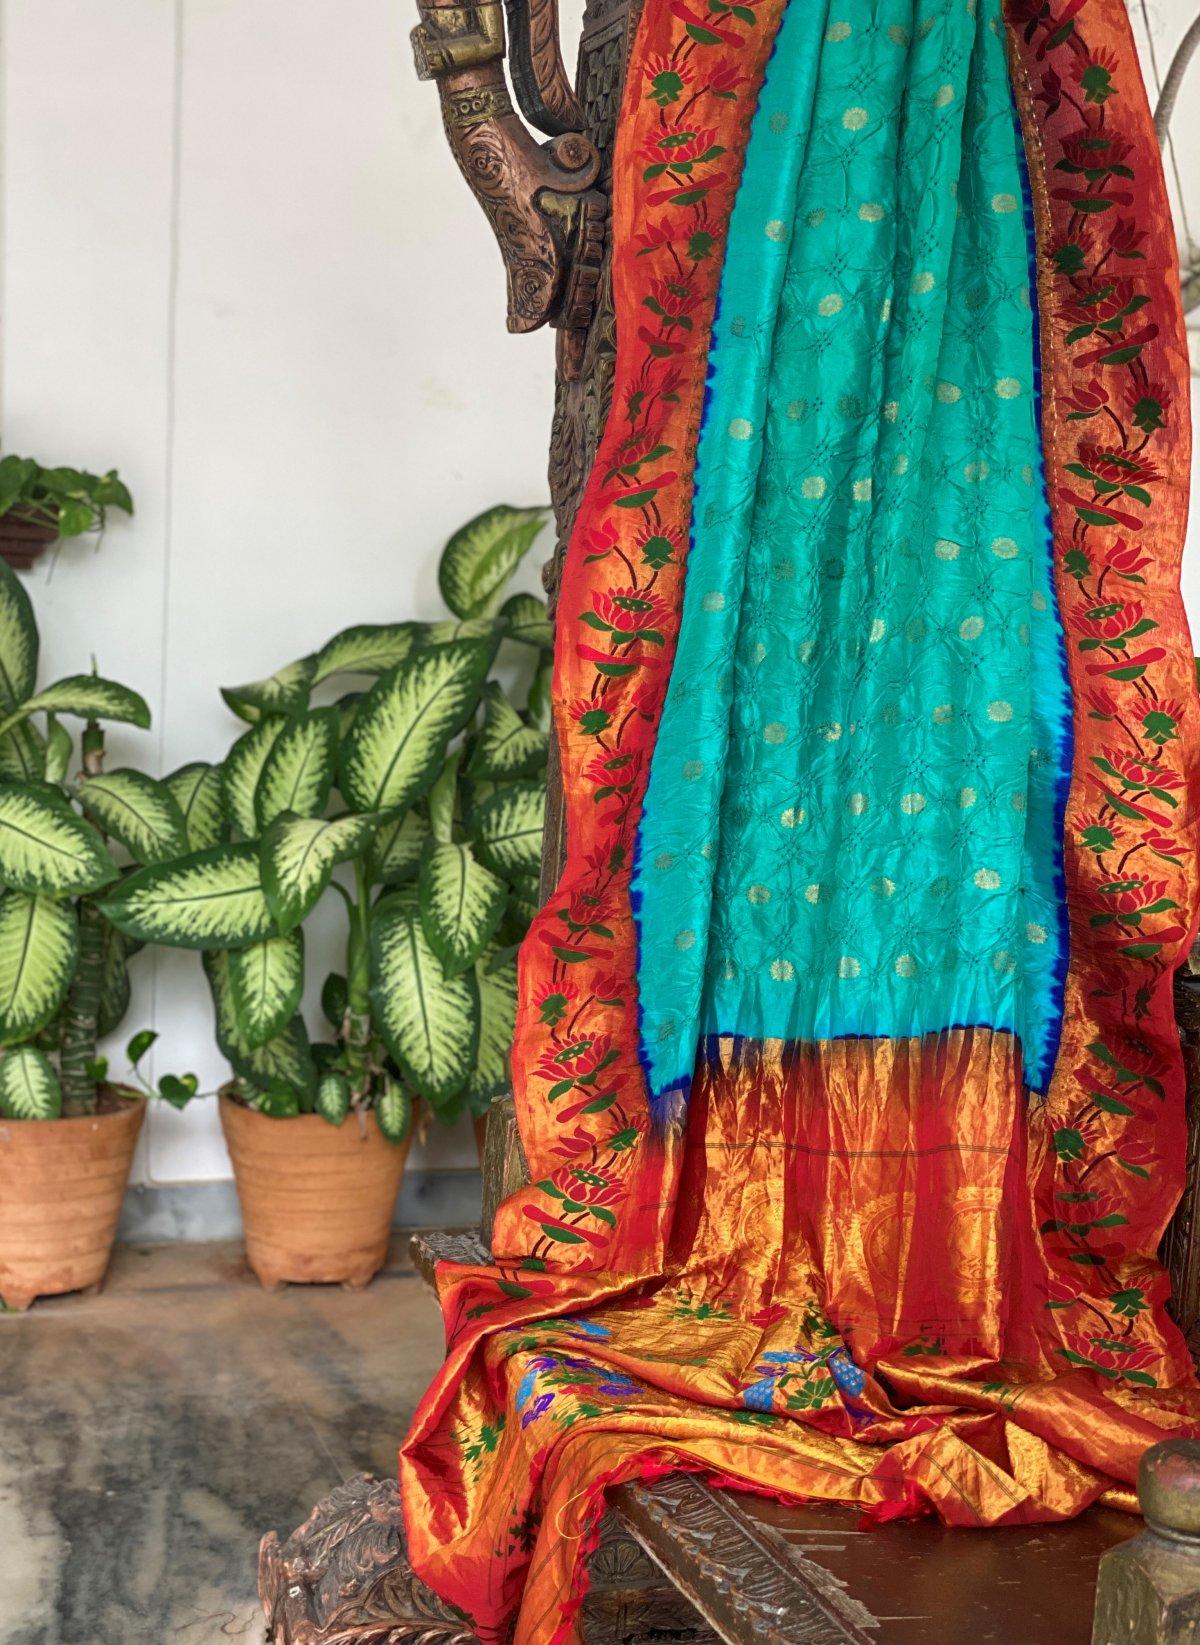 Turquoise Blue Bandhej Kanchi Saree